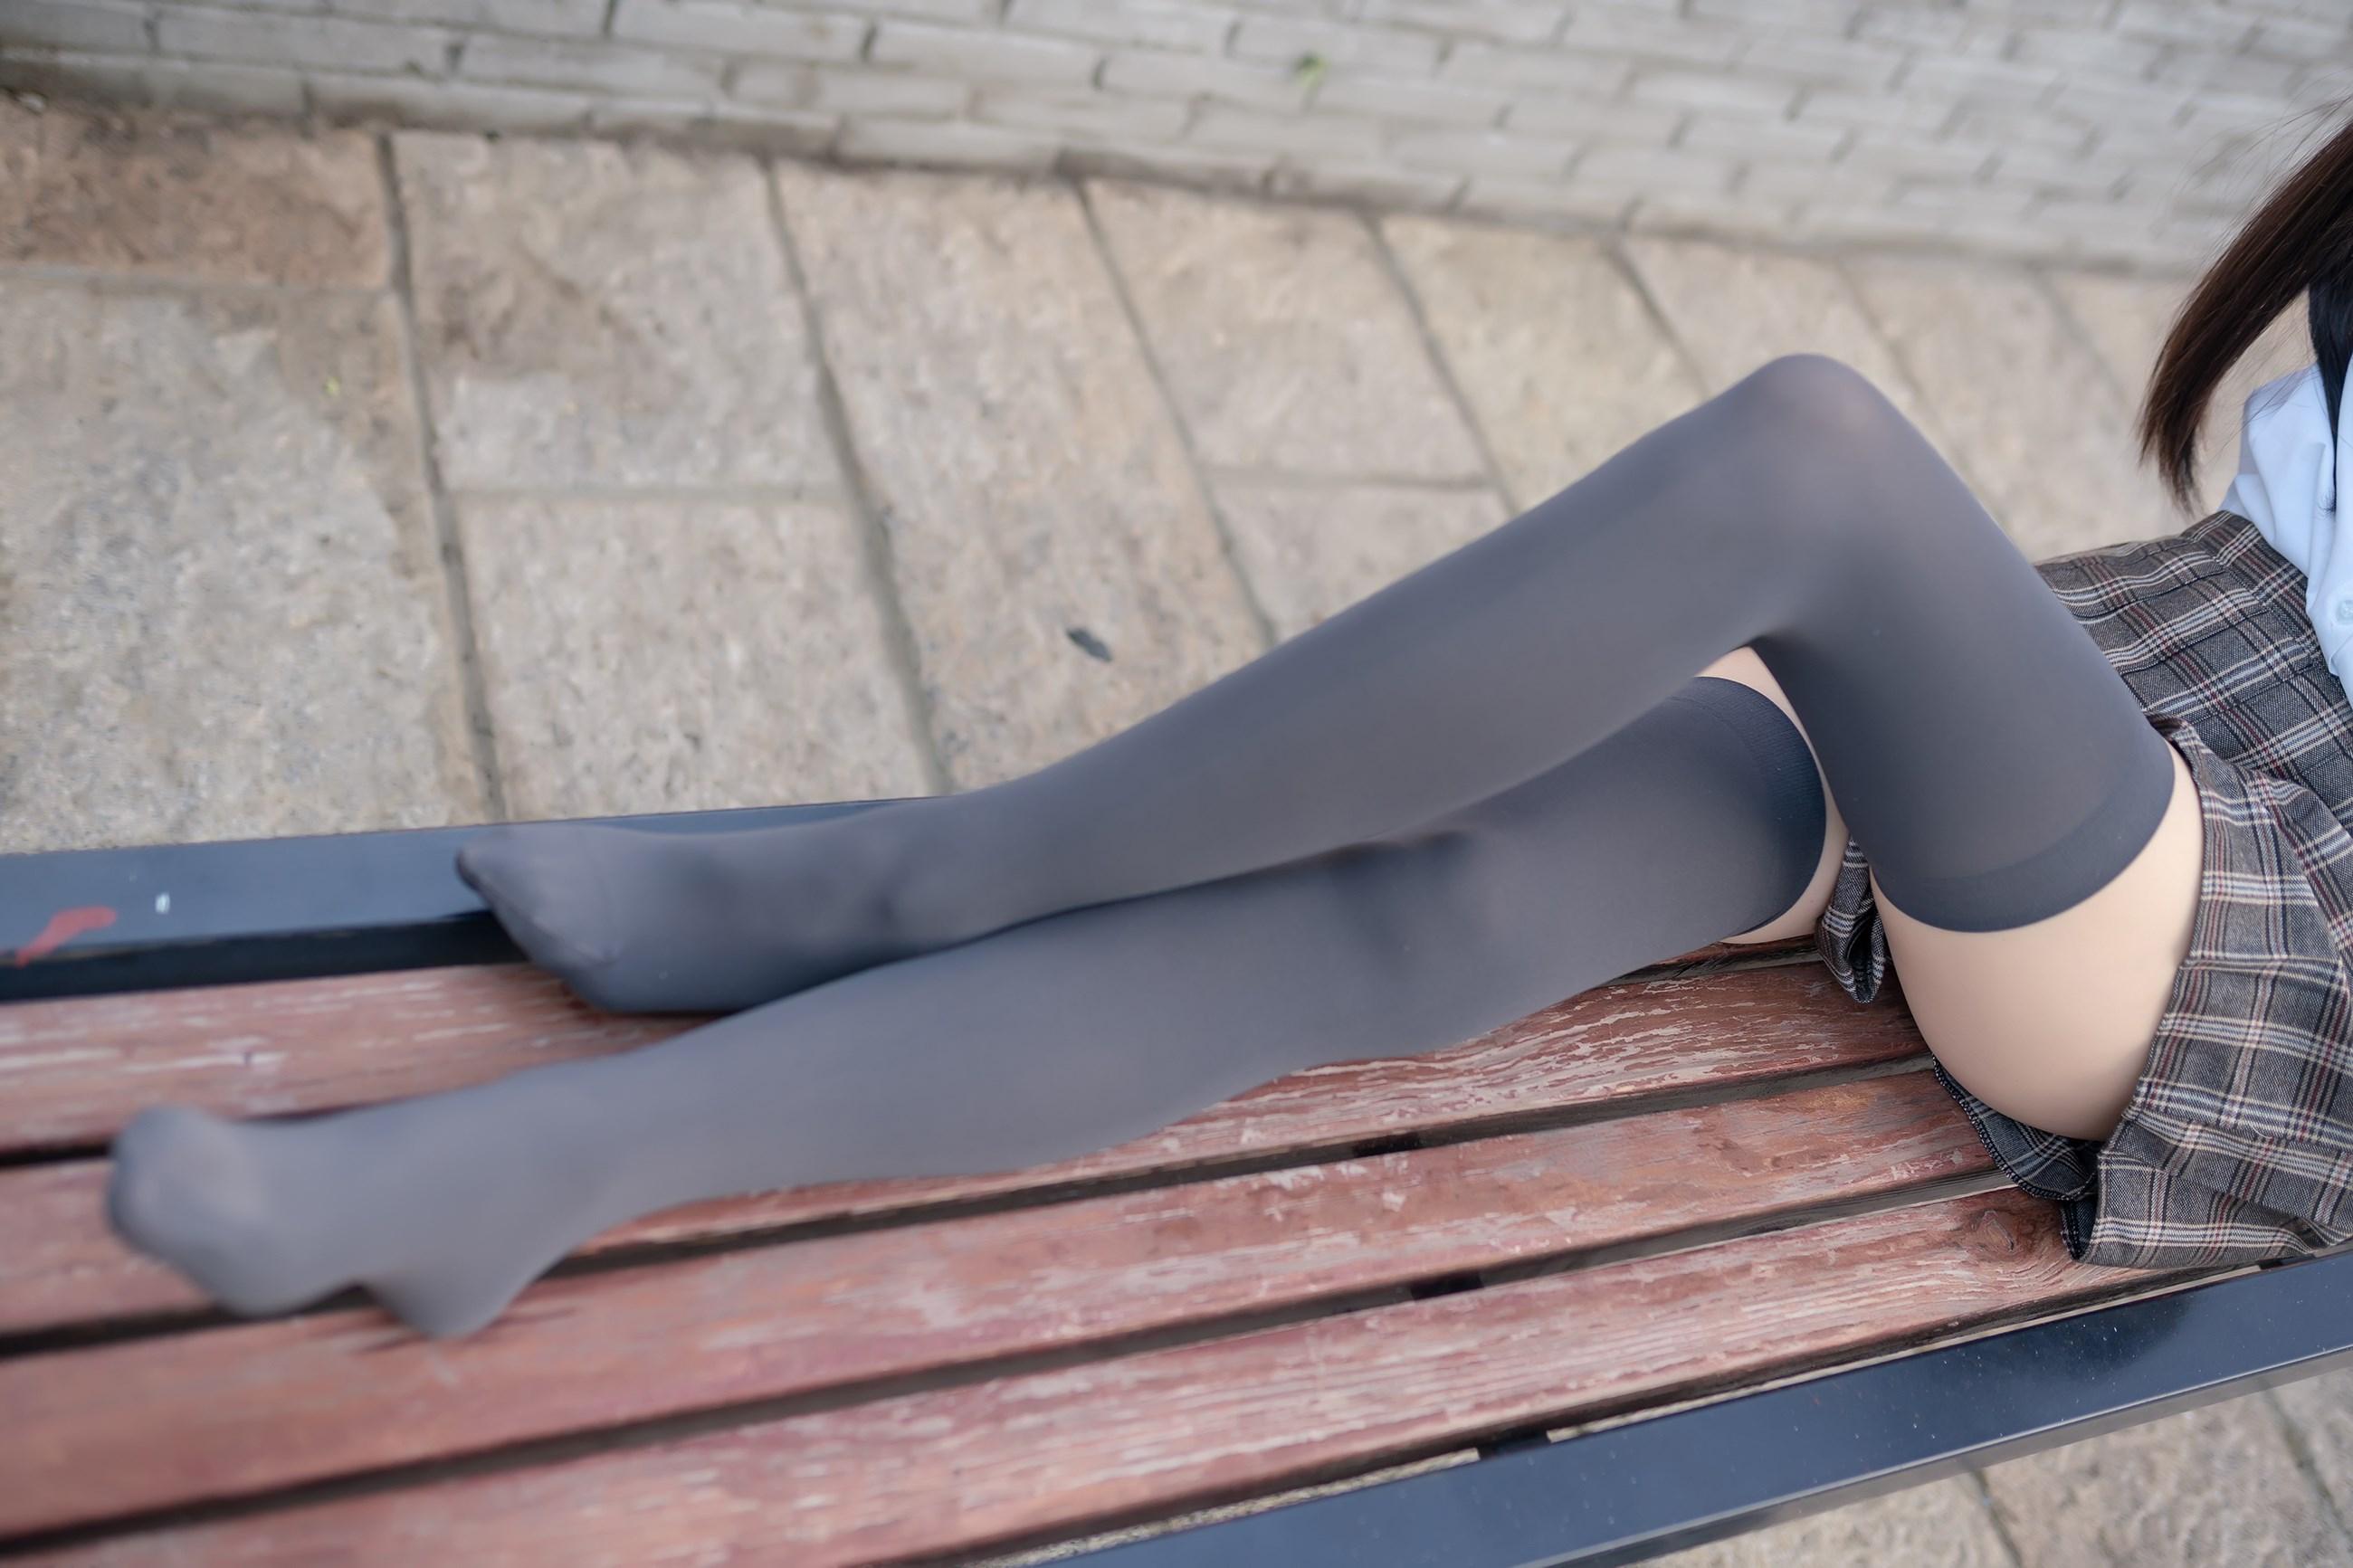 【兔玩映画】这个腿也太棒了吧! 兔玩映画 第20张